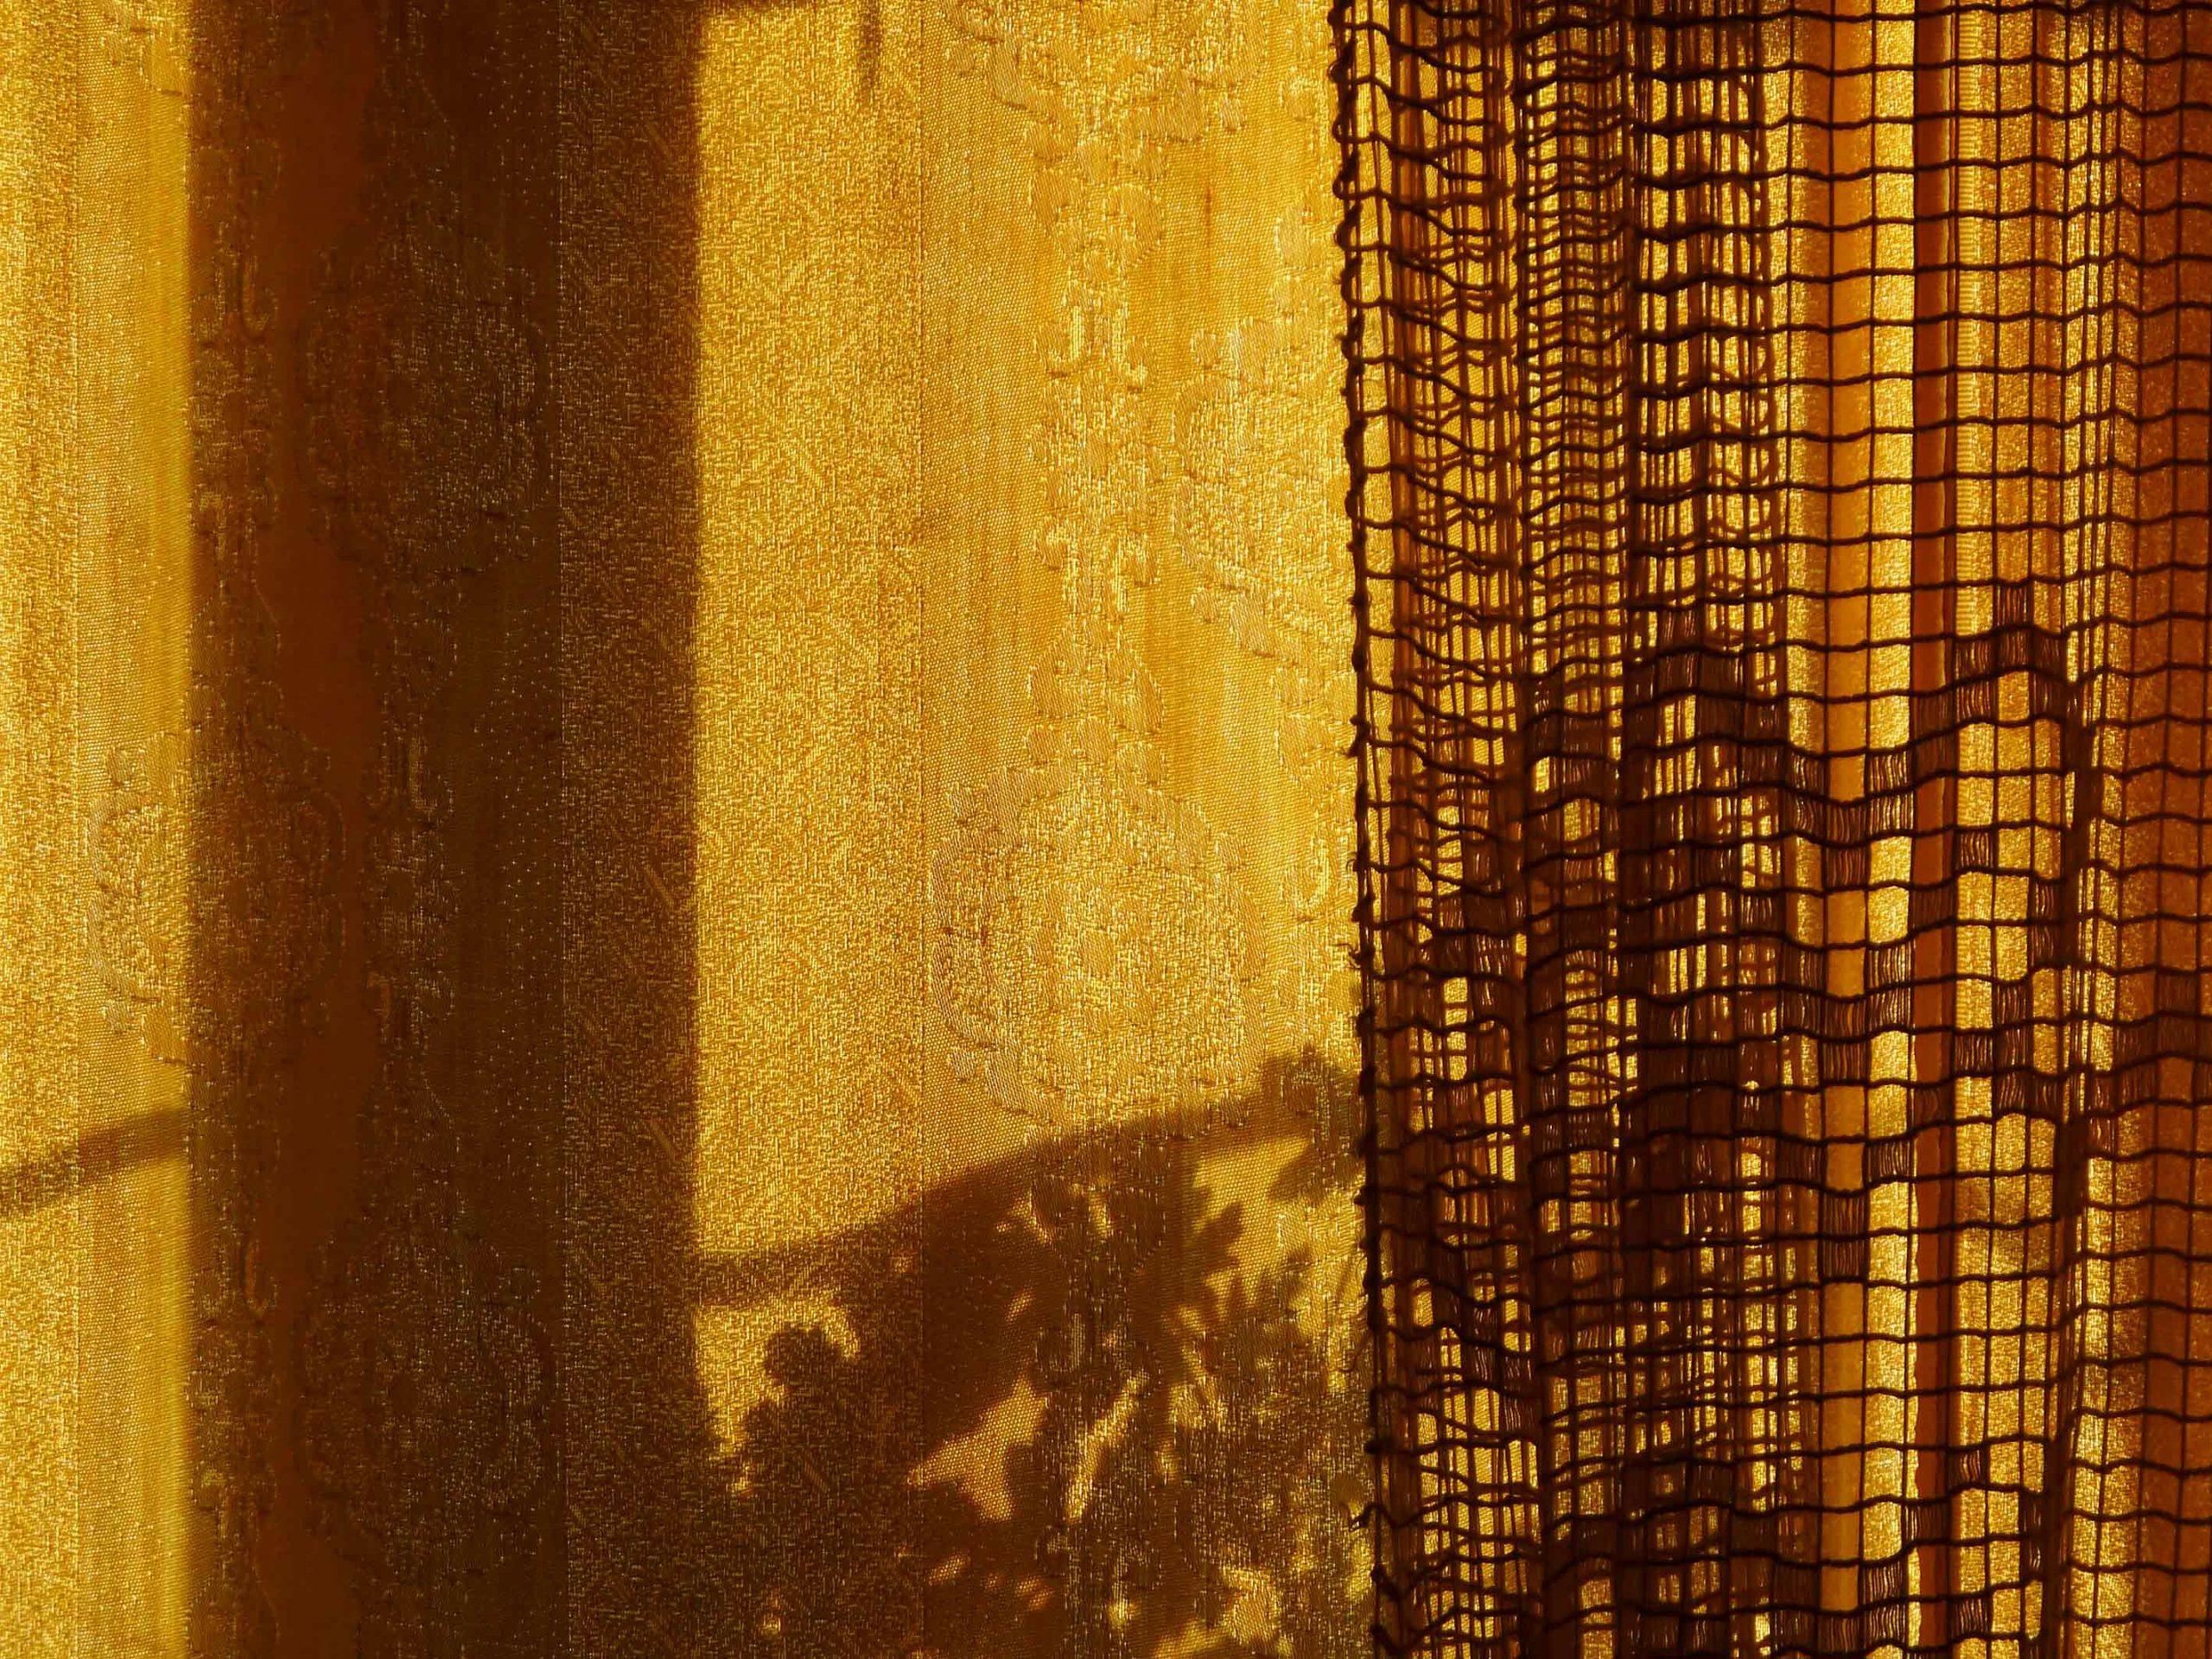 schatten der Gardine sonnensieb Textilgedanken goldener Hintergrund